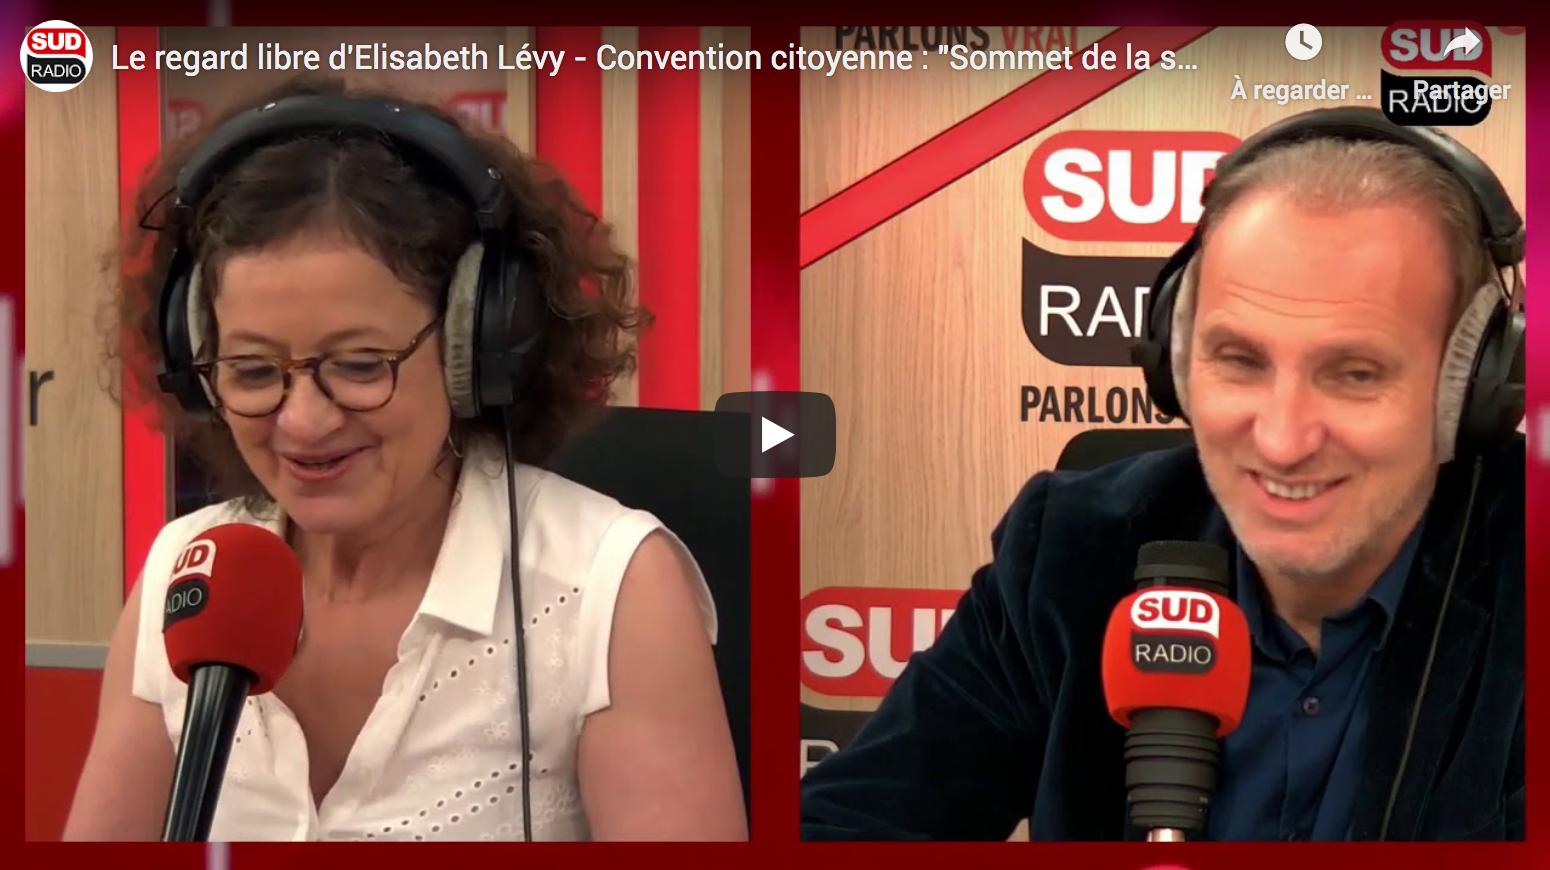 """Convention citoyenne : """"Sommet de la supercherie !"""" (Le regard libre d'Élisabeth Lévy)"""